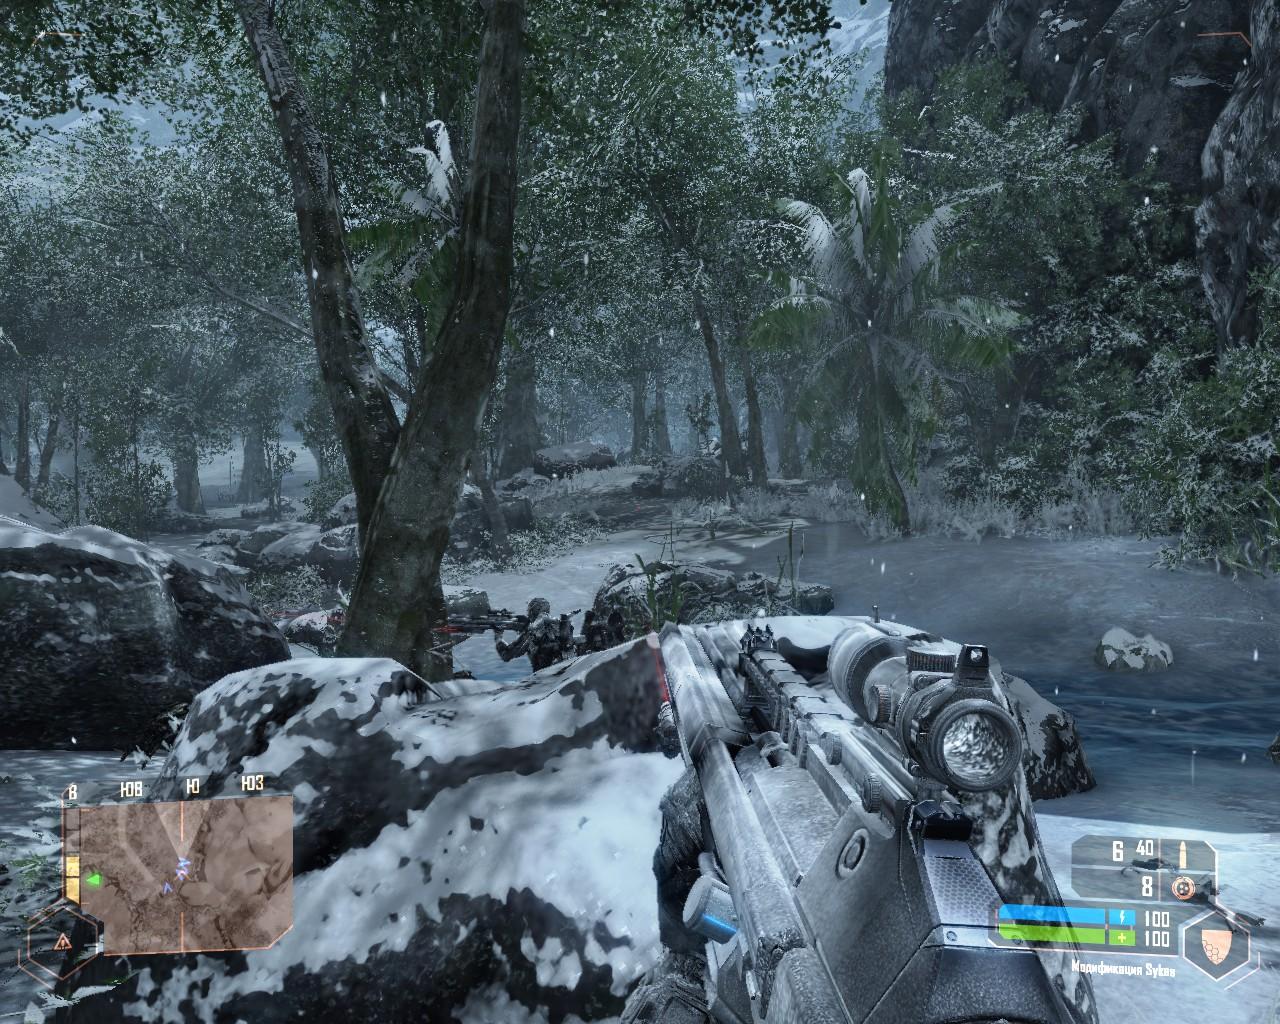 Crysis64 2014-08-16 17-47-30-80.jpg - Crysis Warhead